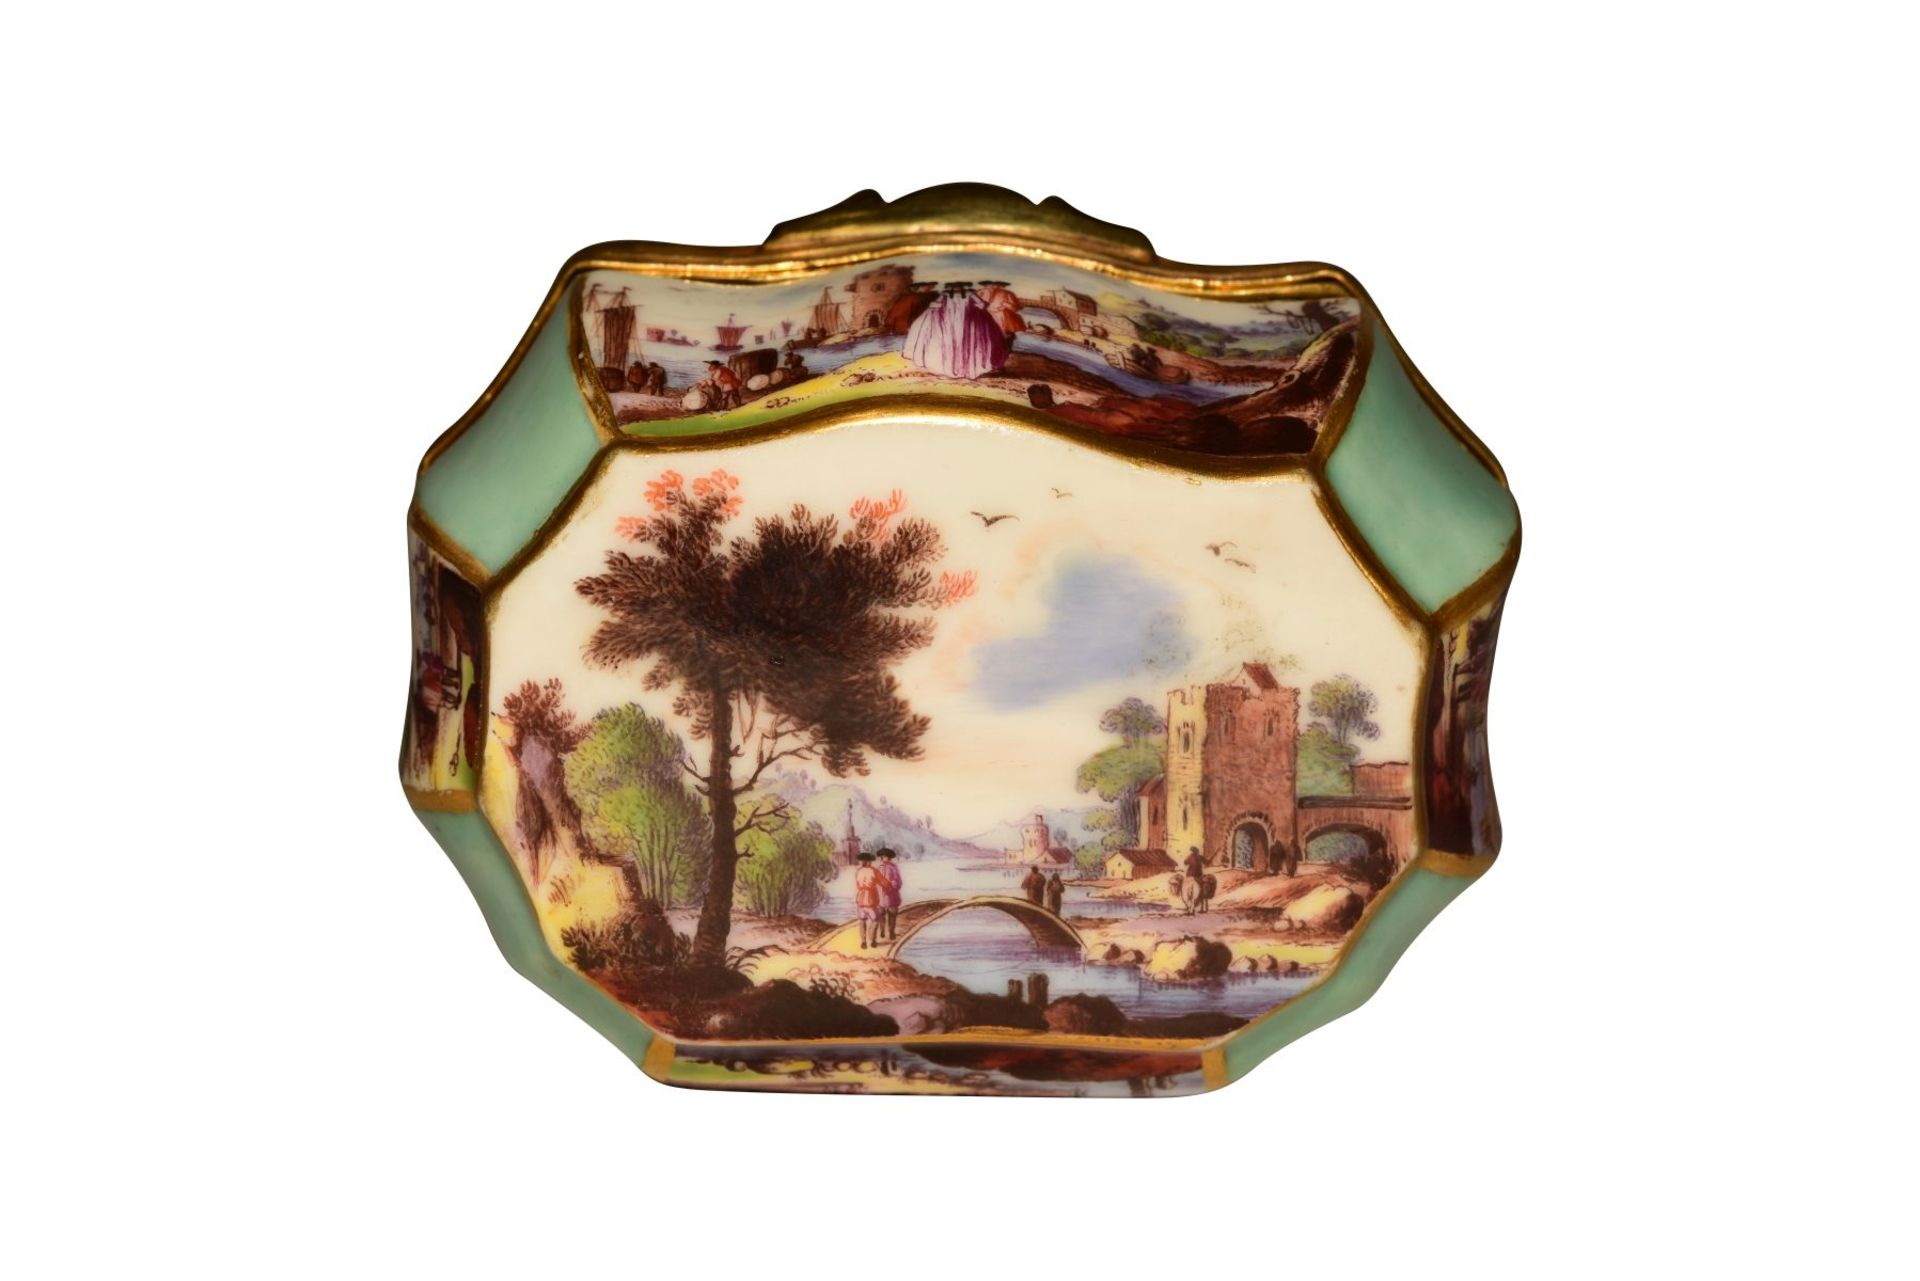 Tabatiere Meissen 1730 - Bild 6 aus 6